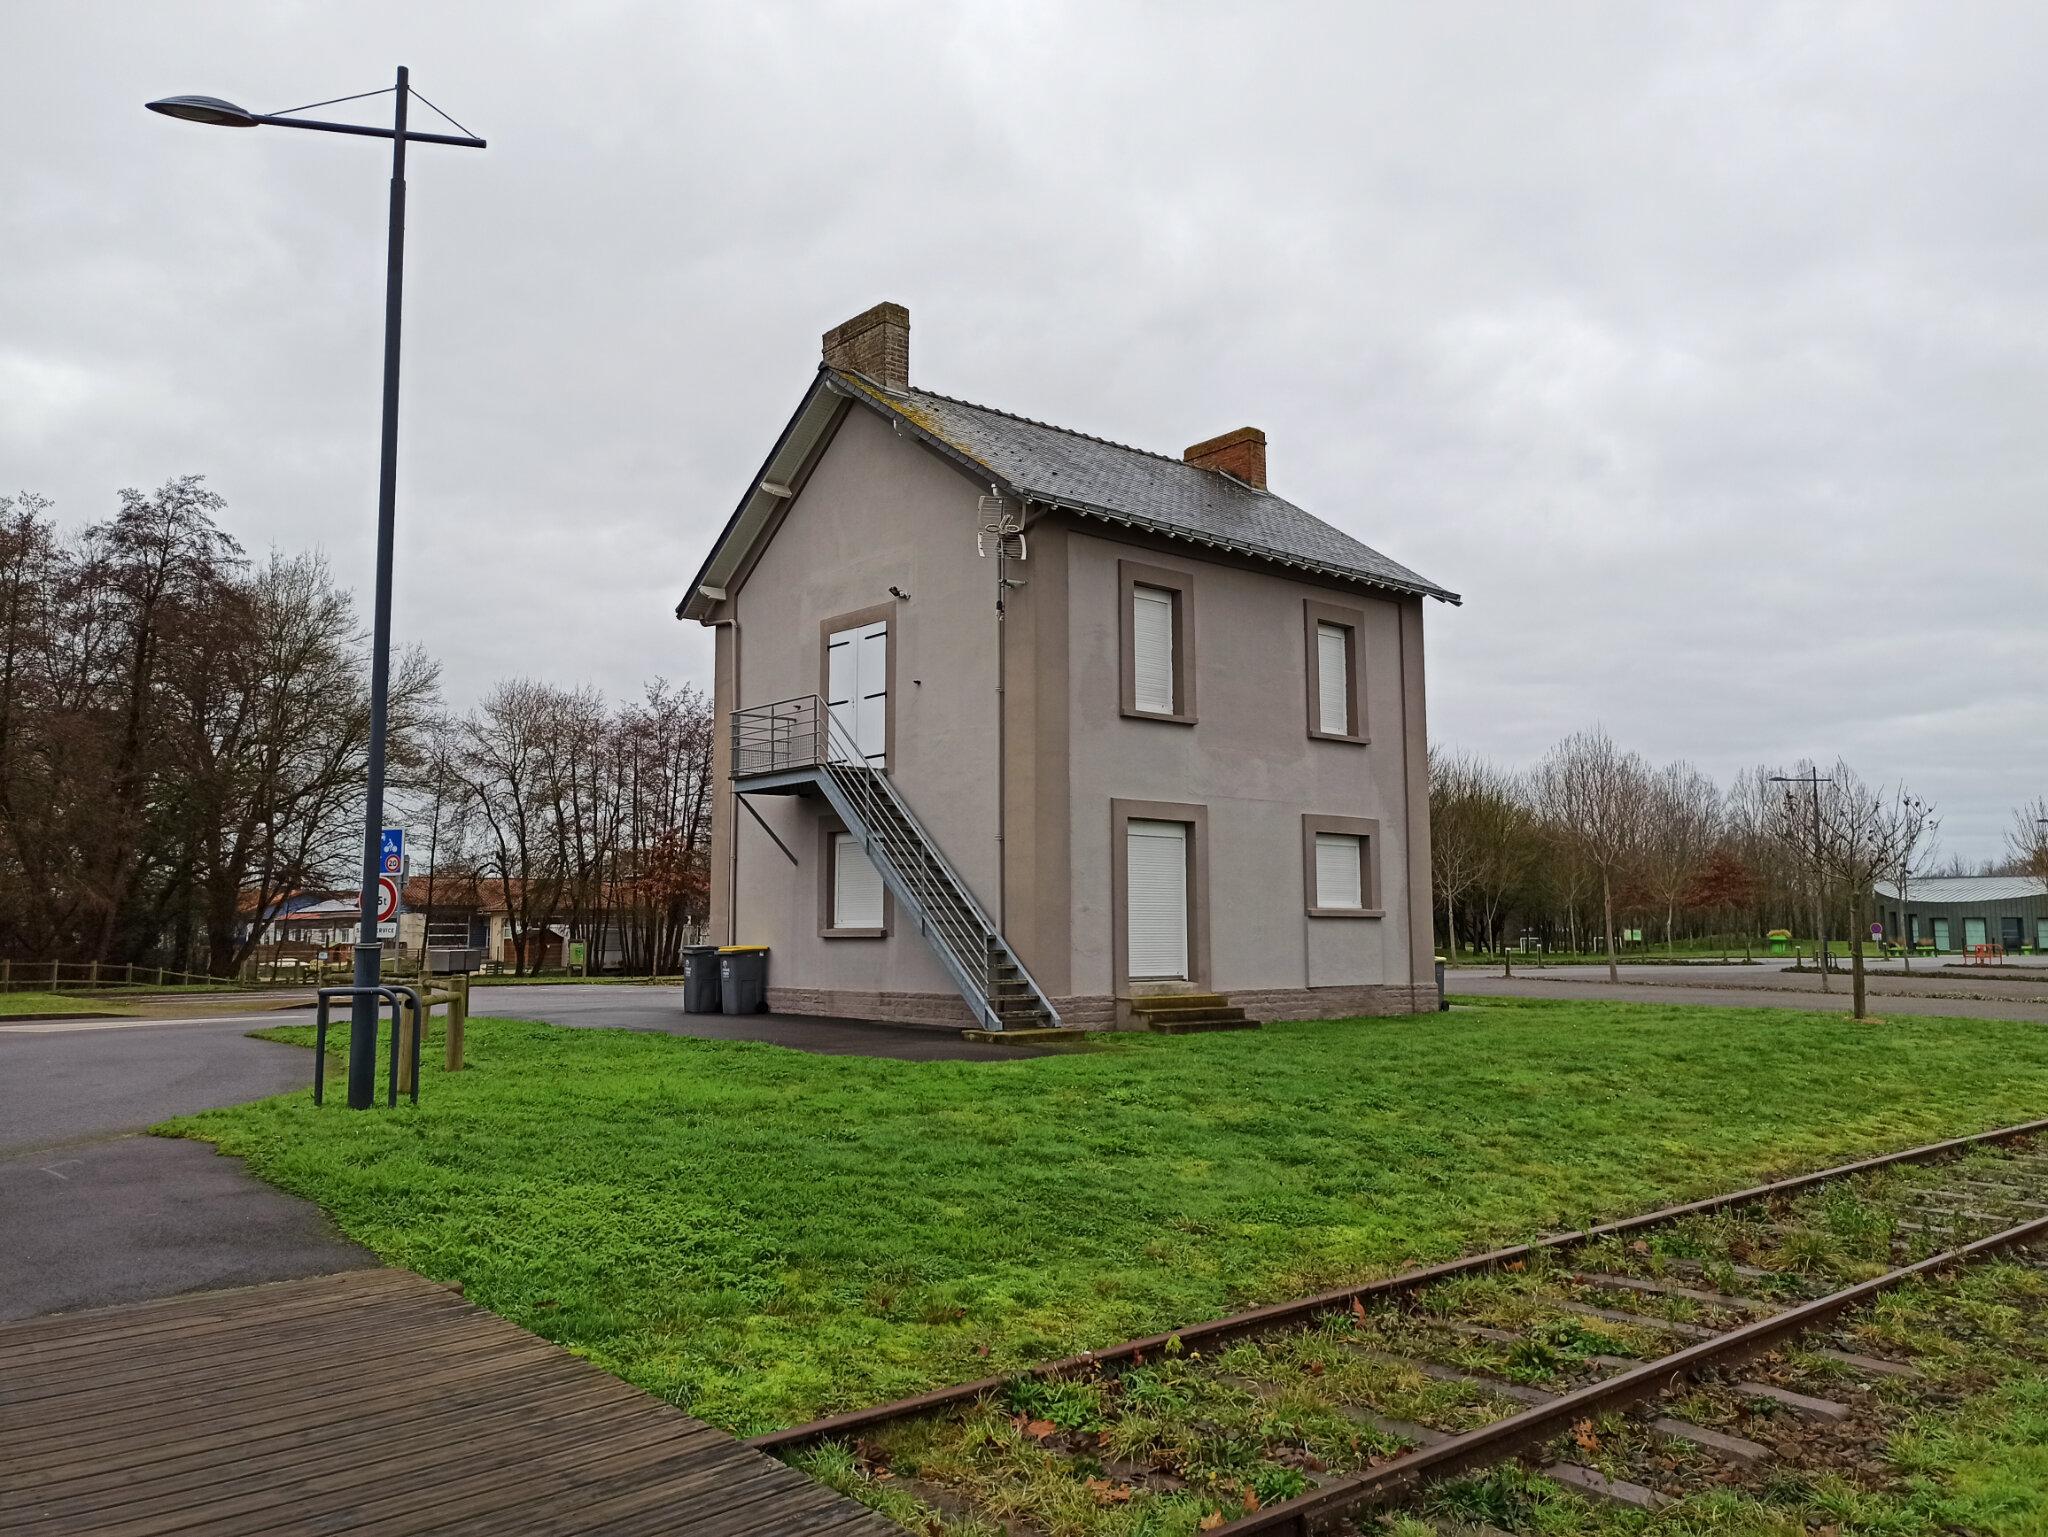 Chéméré - Arthon (Loire-Atlantique - 44)